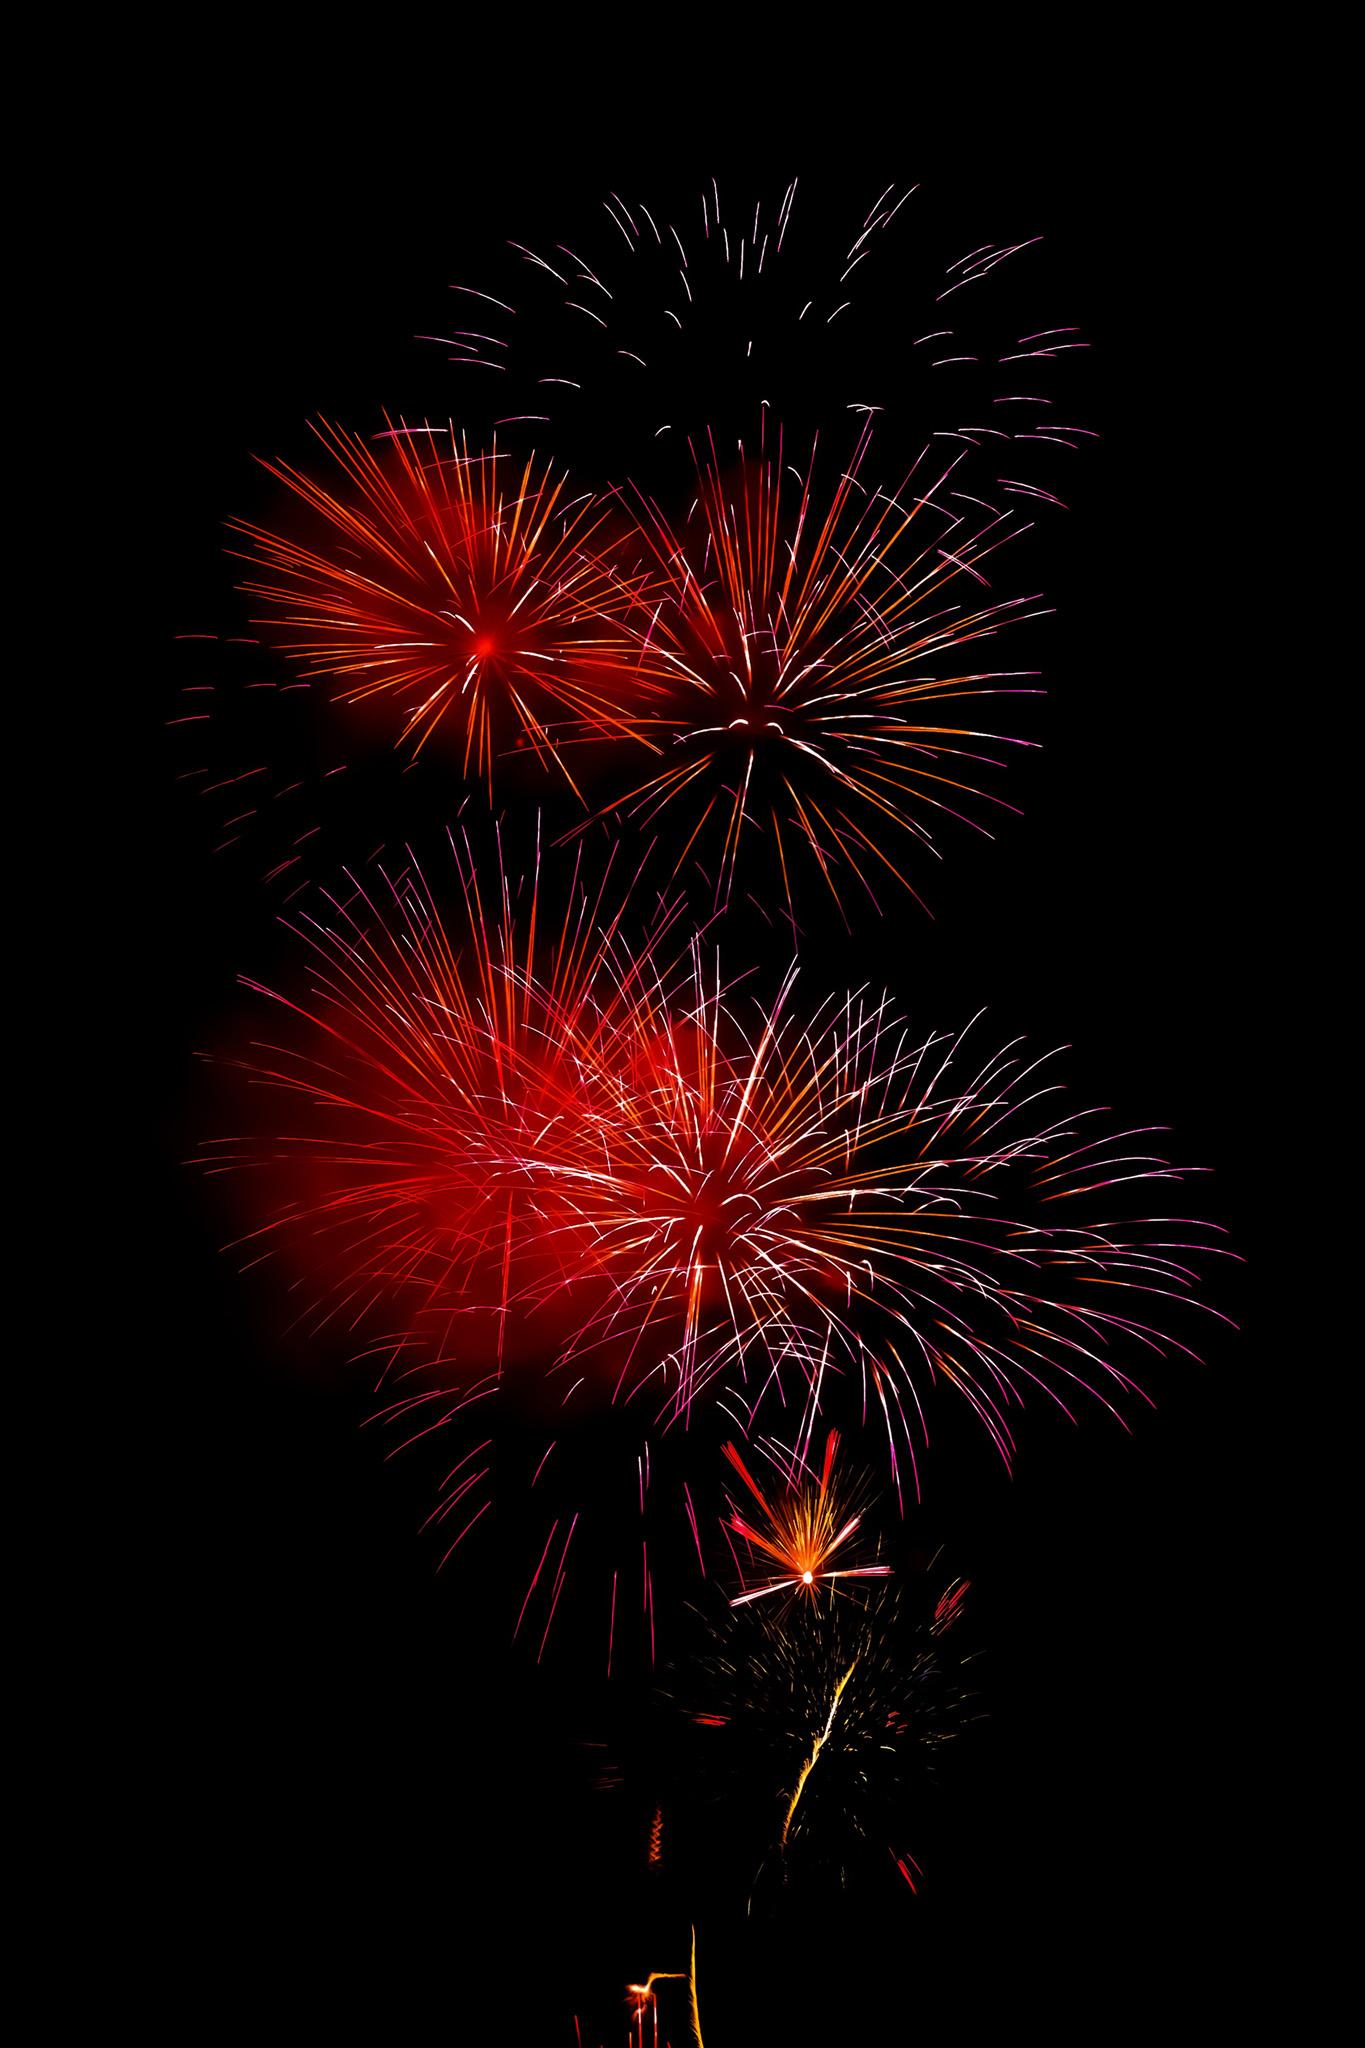 「美しい花火と夜空」のテクスチャを無料ダウンロード